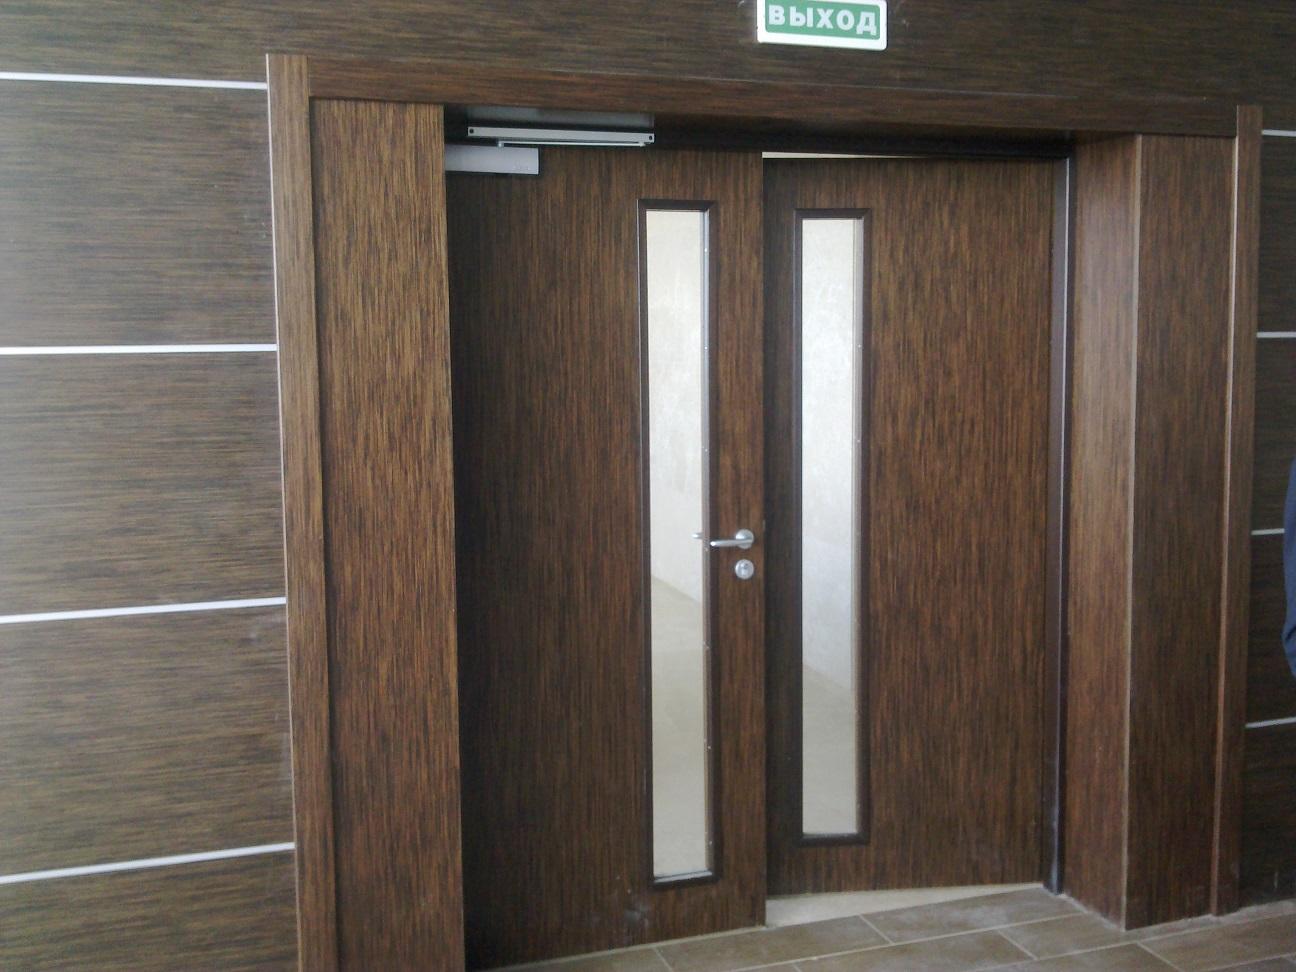 Маятниковая дверь с отделкой под дерево